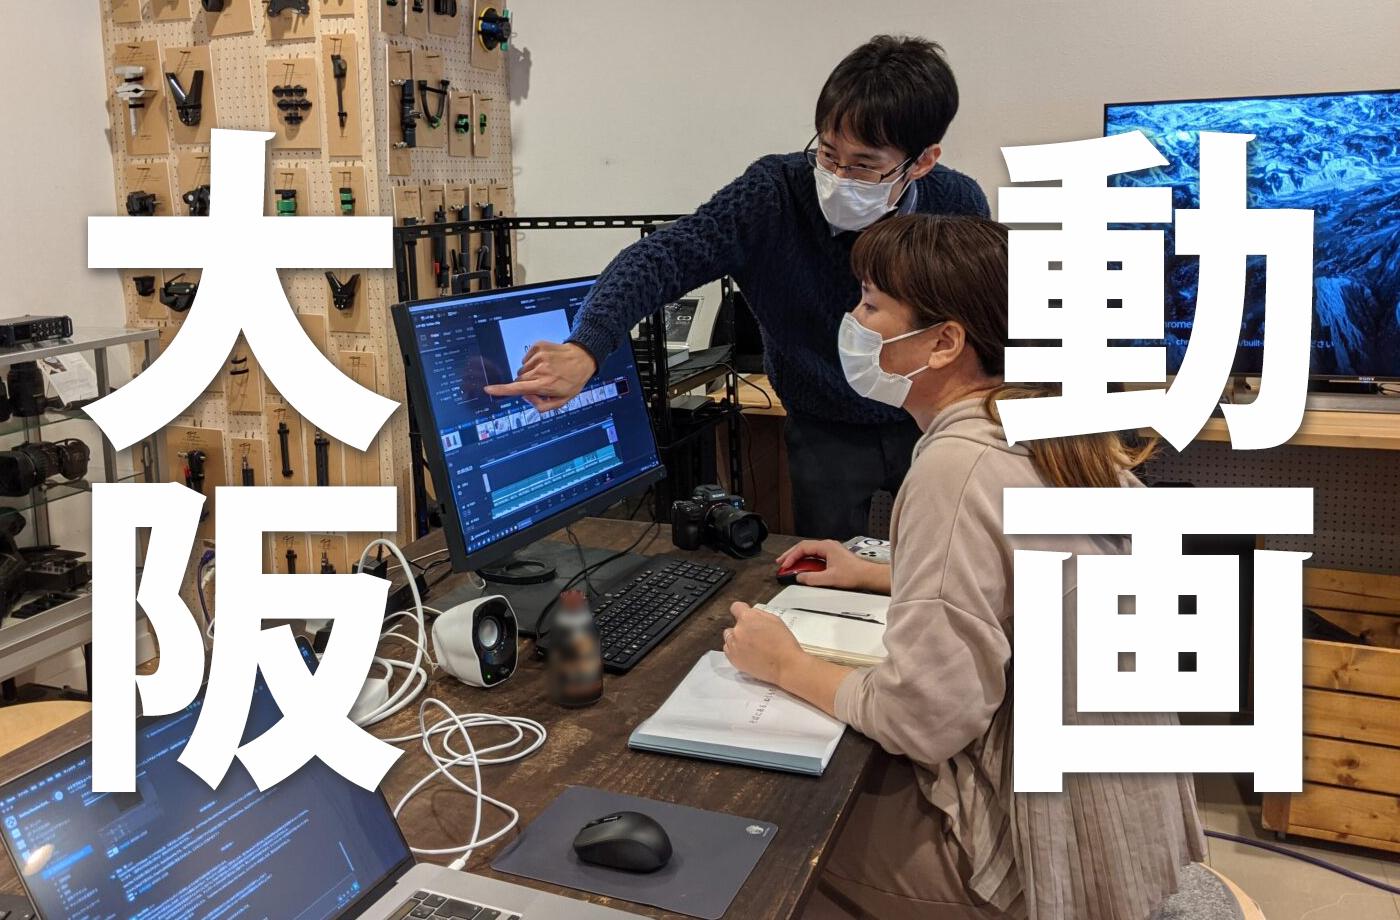 大阪の動画スクール紹介アイキャッチ画像